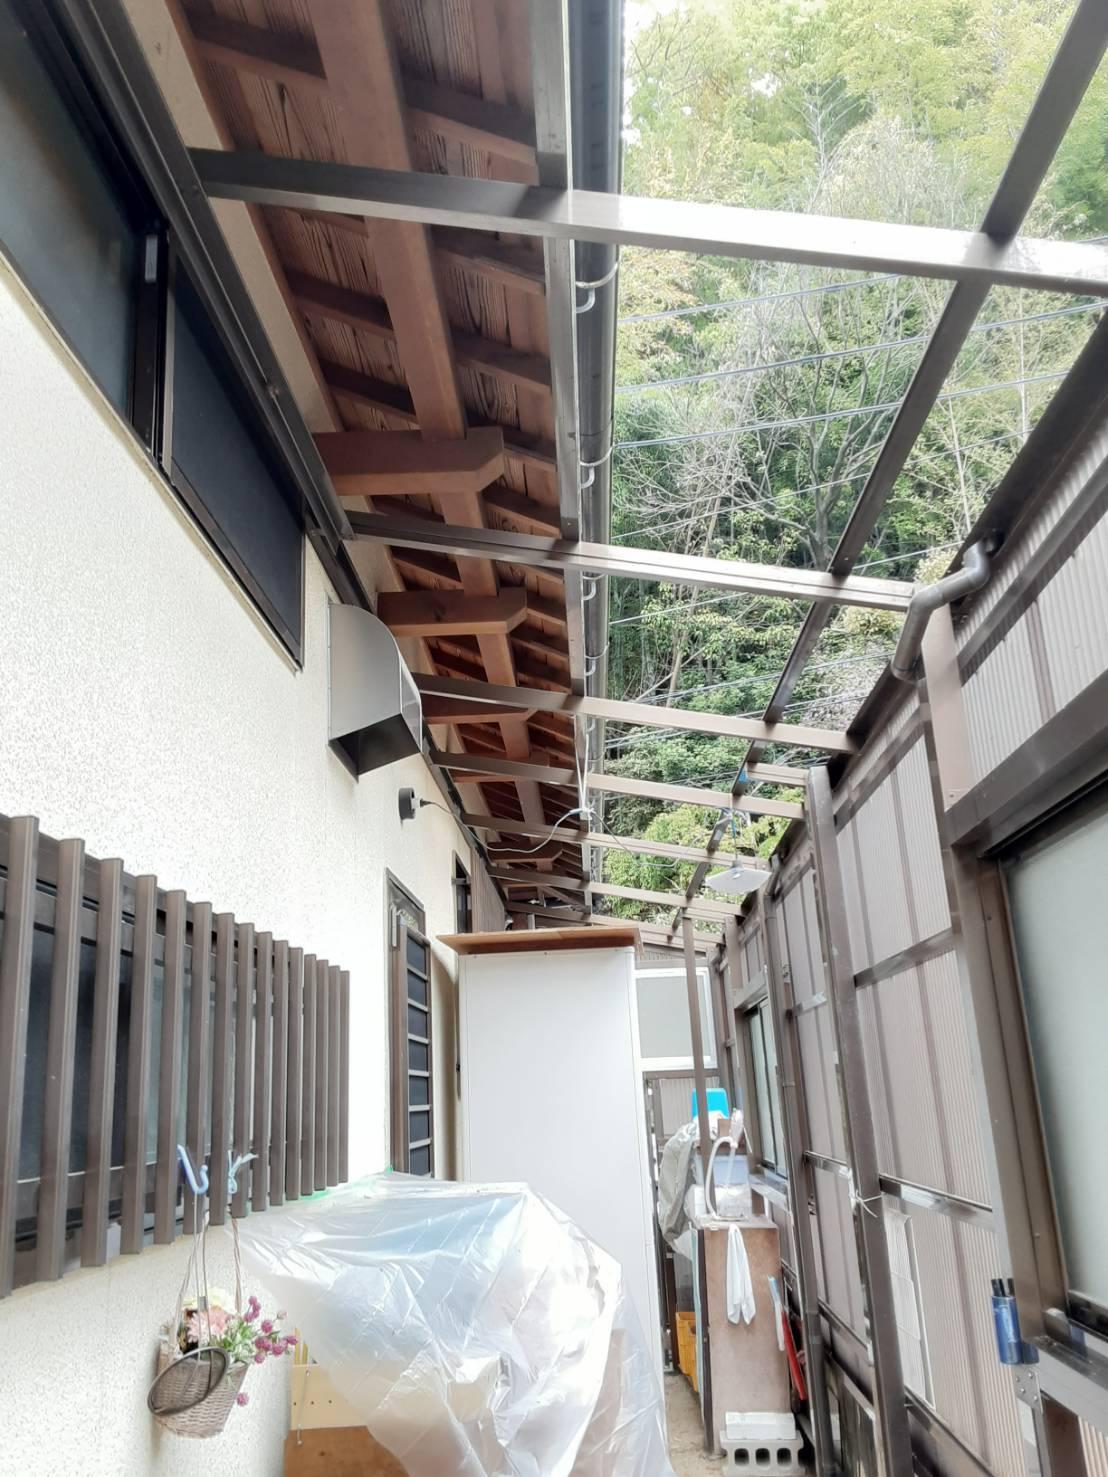 ギャラリーパティオのテラス囲い 波板交換の施工後の写真2